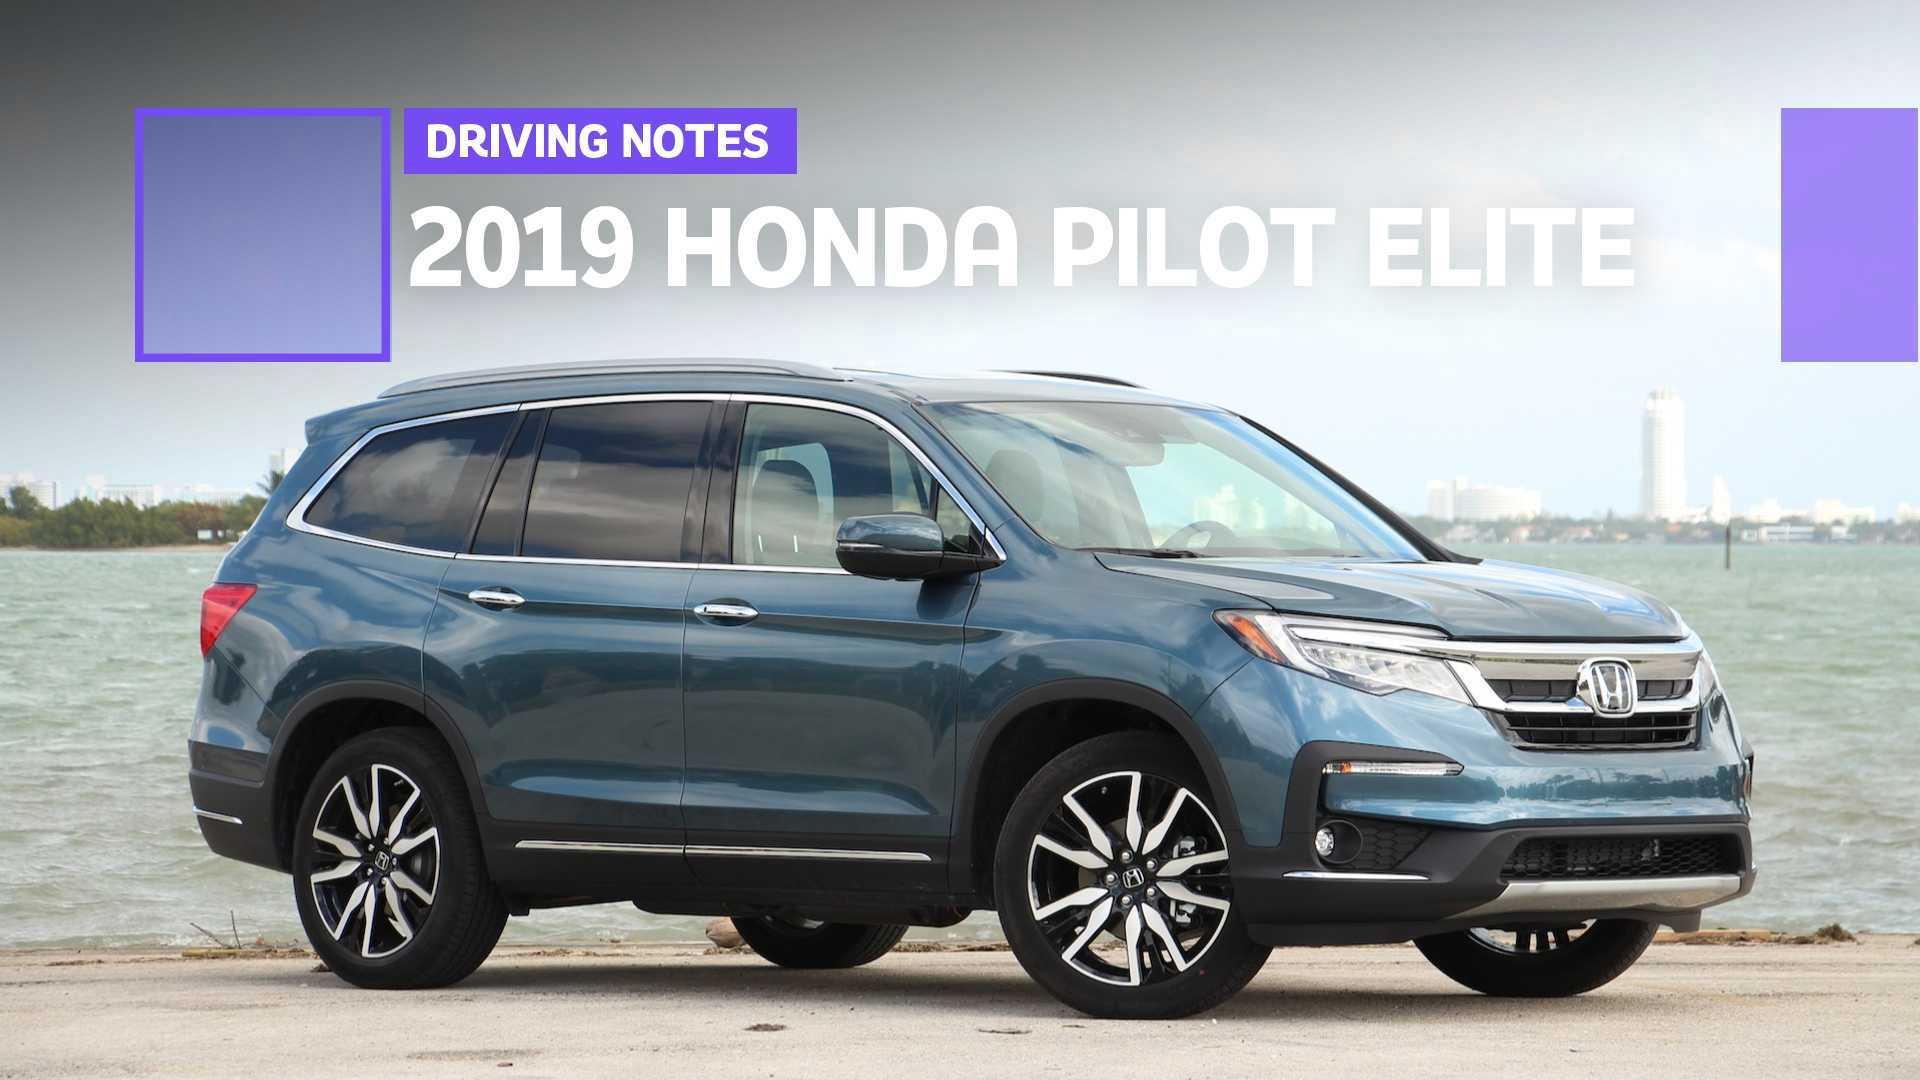 2019 Honda Pilot Elite Driving Notes: Farewell, Family Hauler